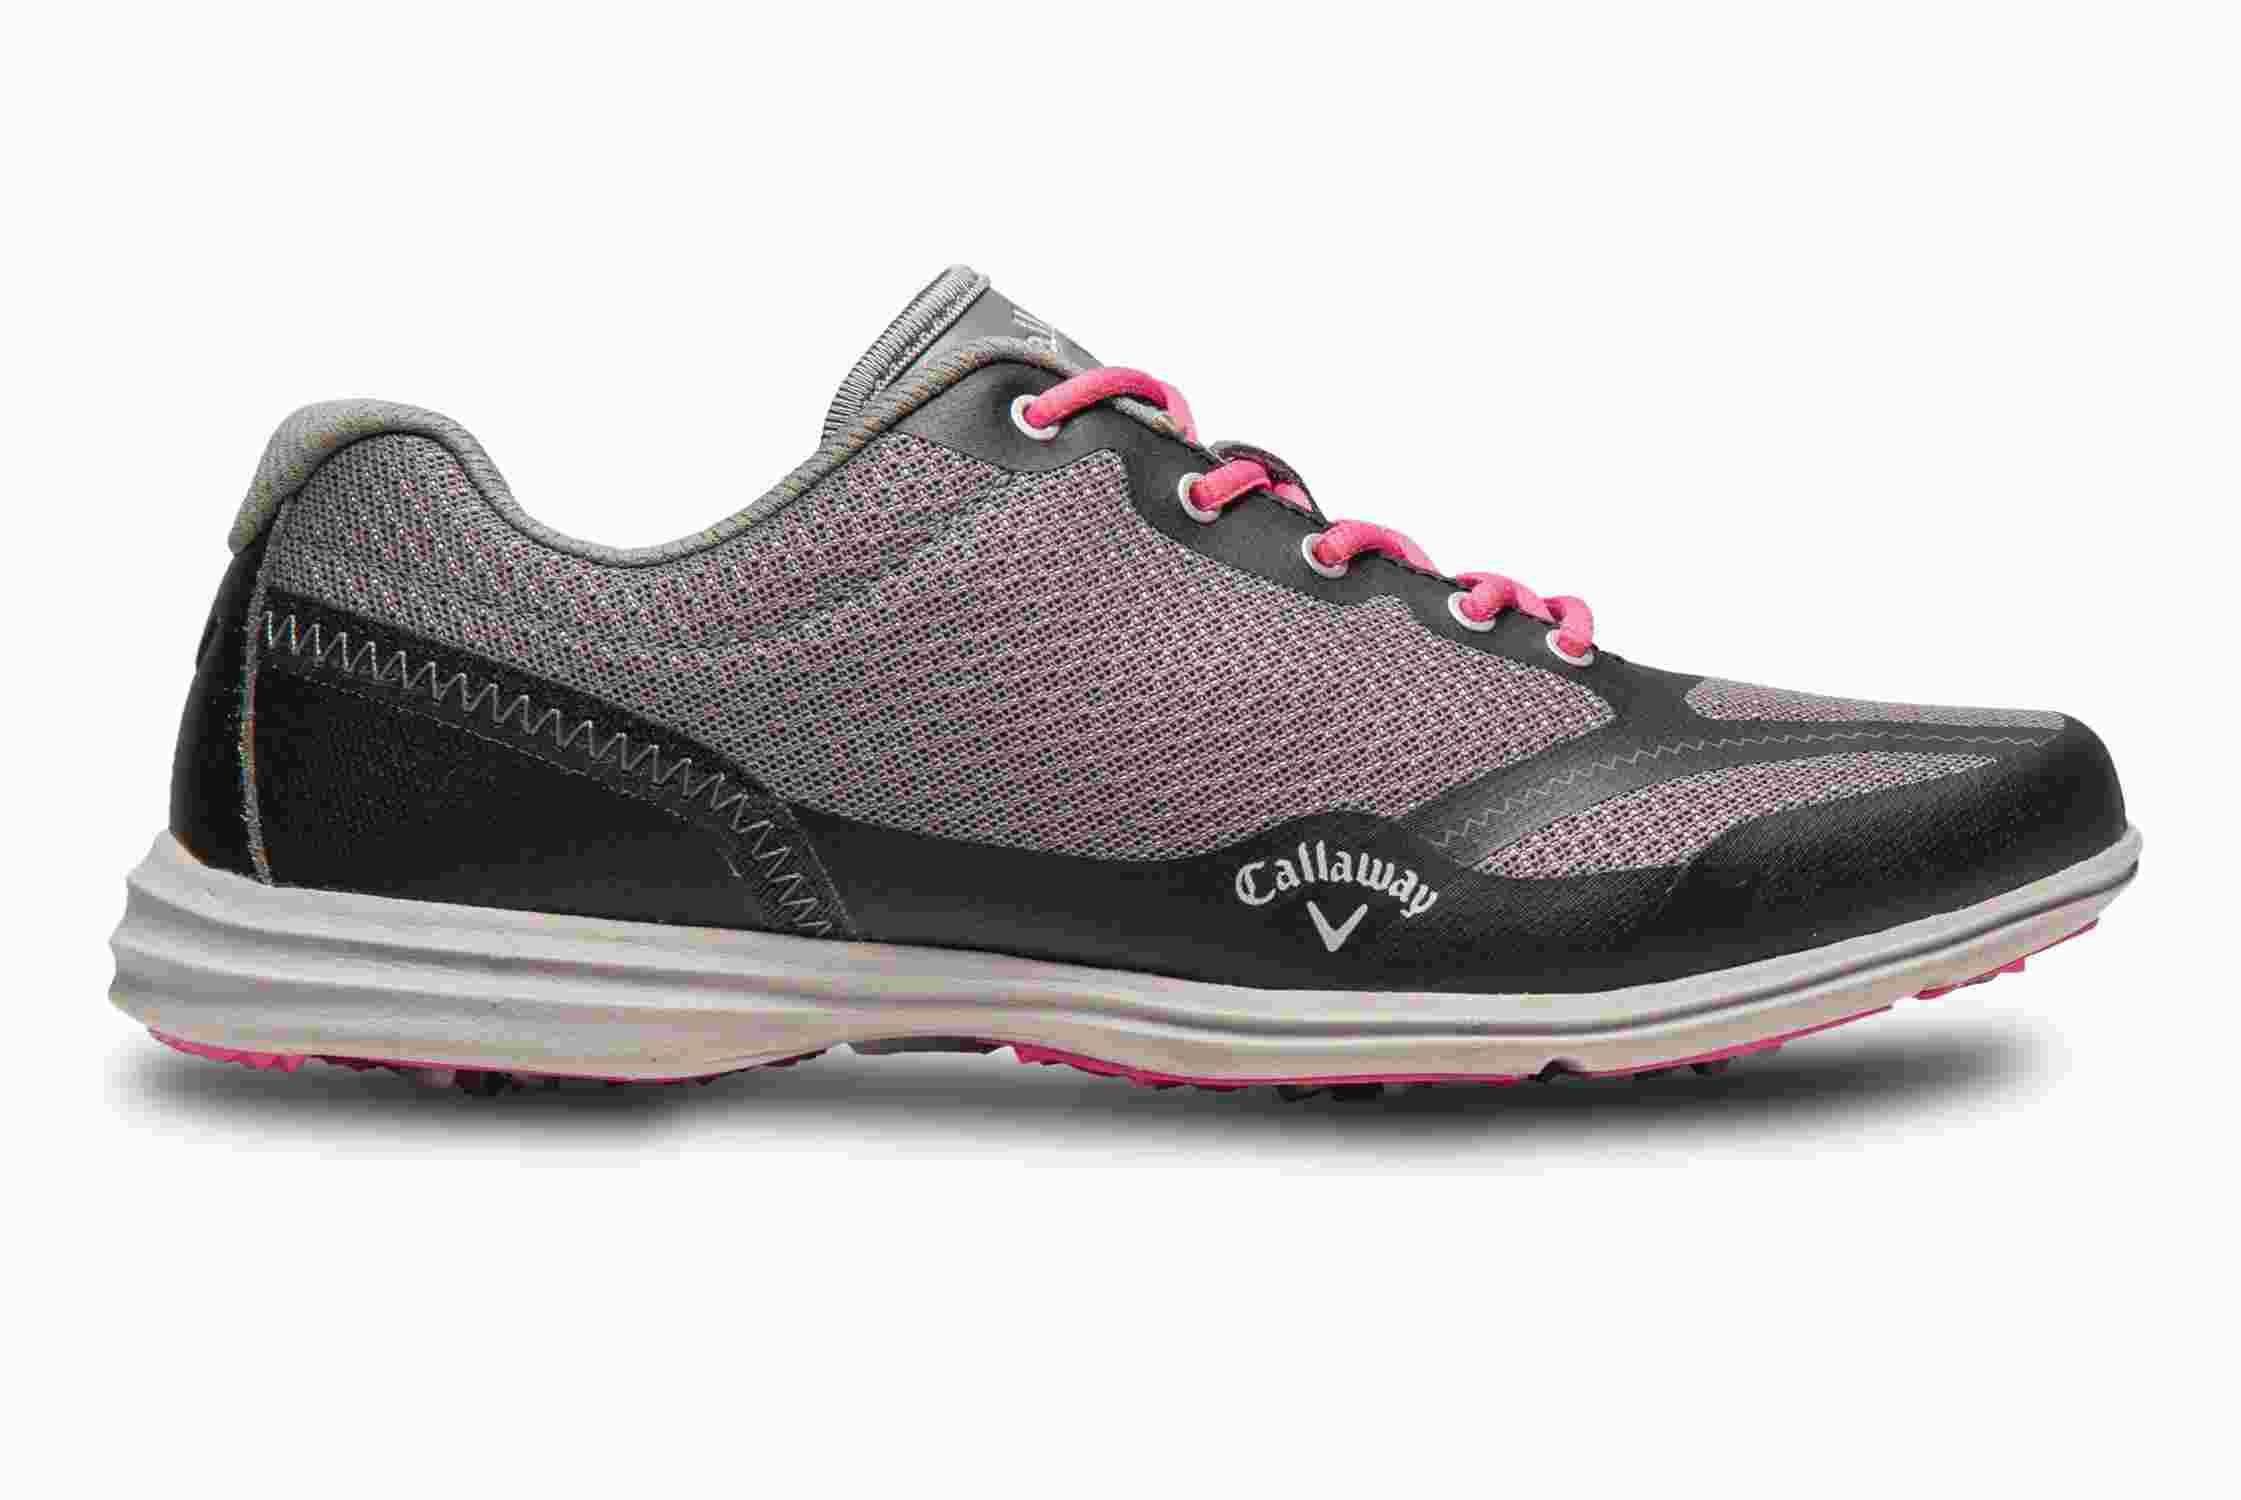 Callaway Solaire II dámské boty, černé rozšířená, černá, 8,5